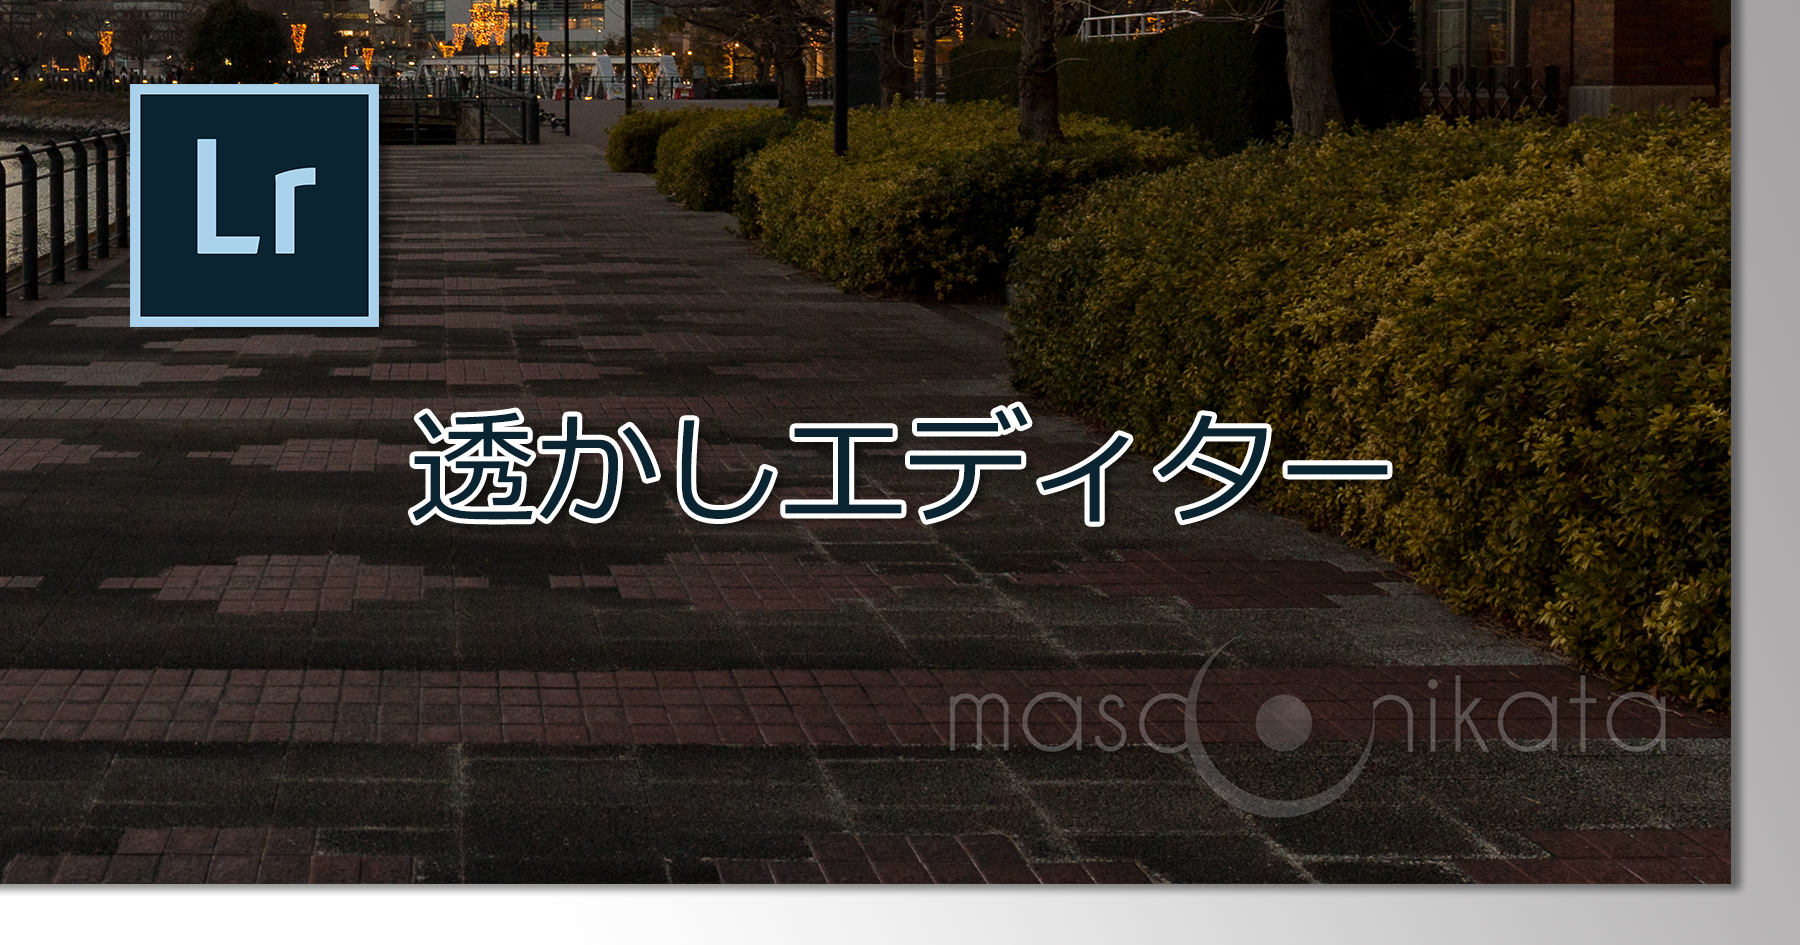 透かしエディター-Main